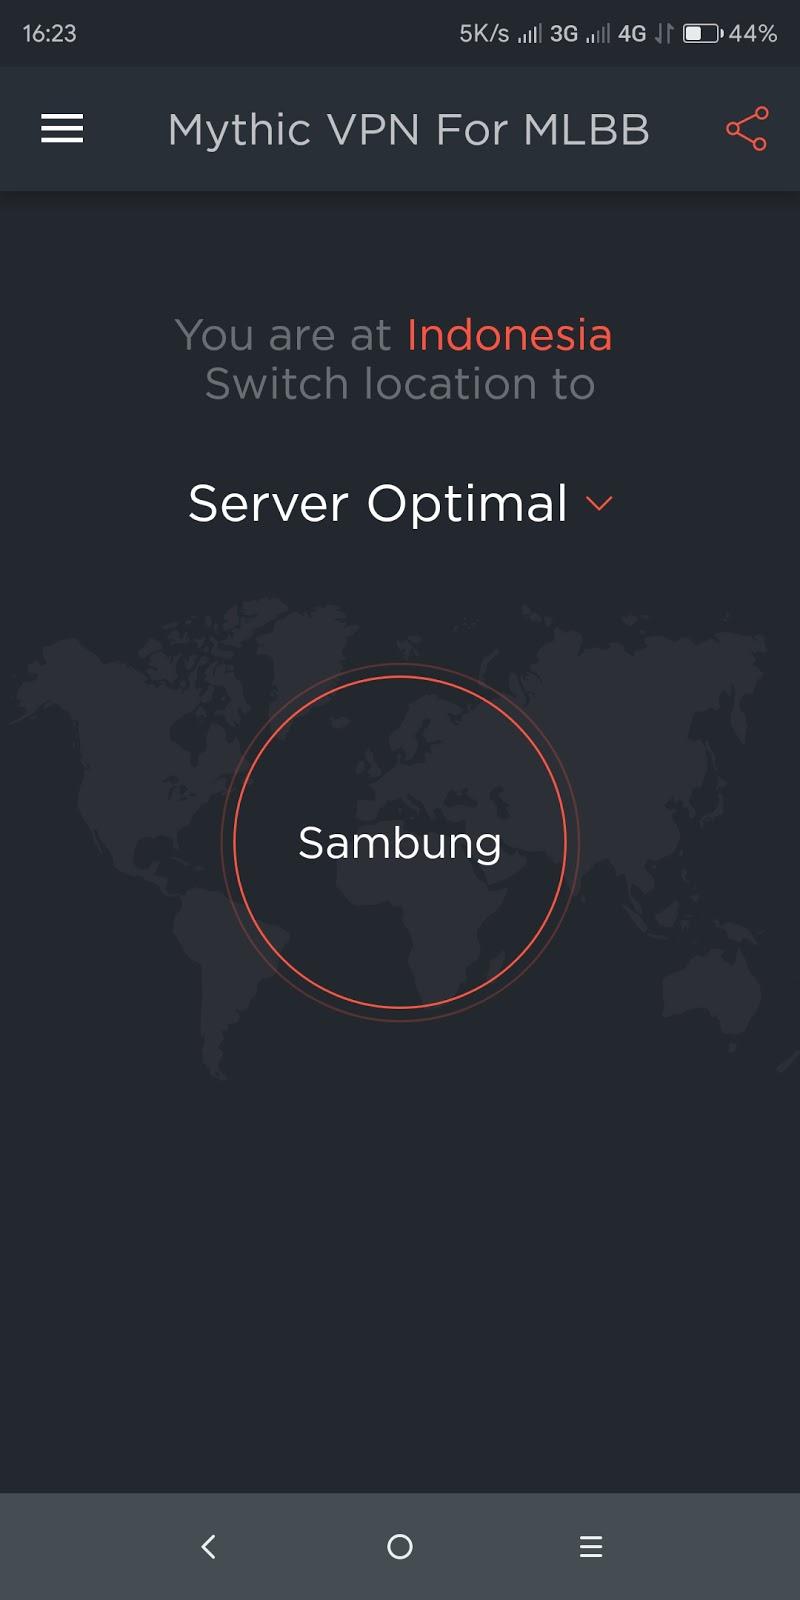 Mythic VPN For Mobile Legends Bang Bang